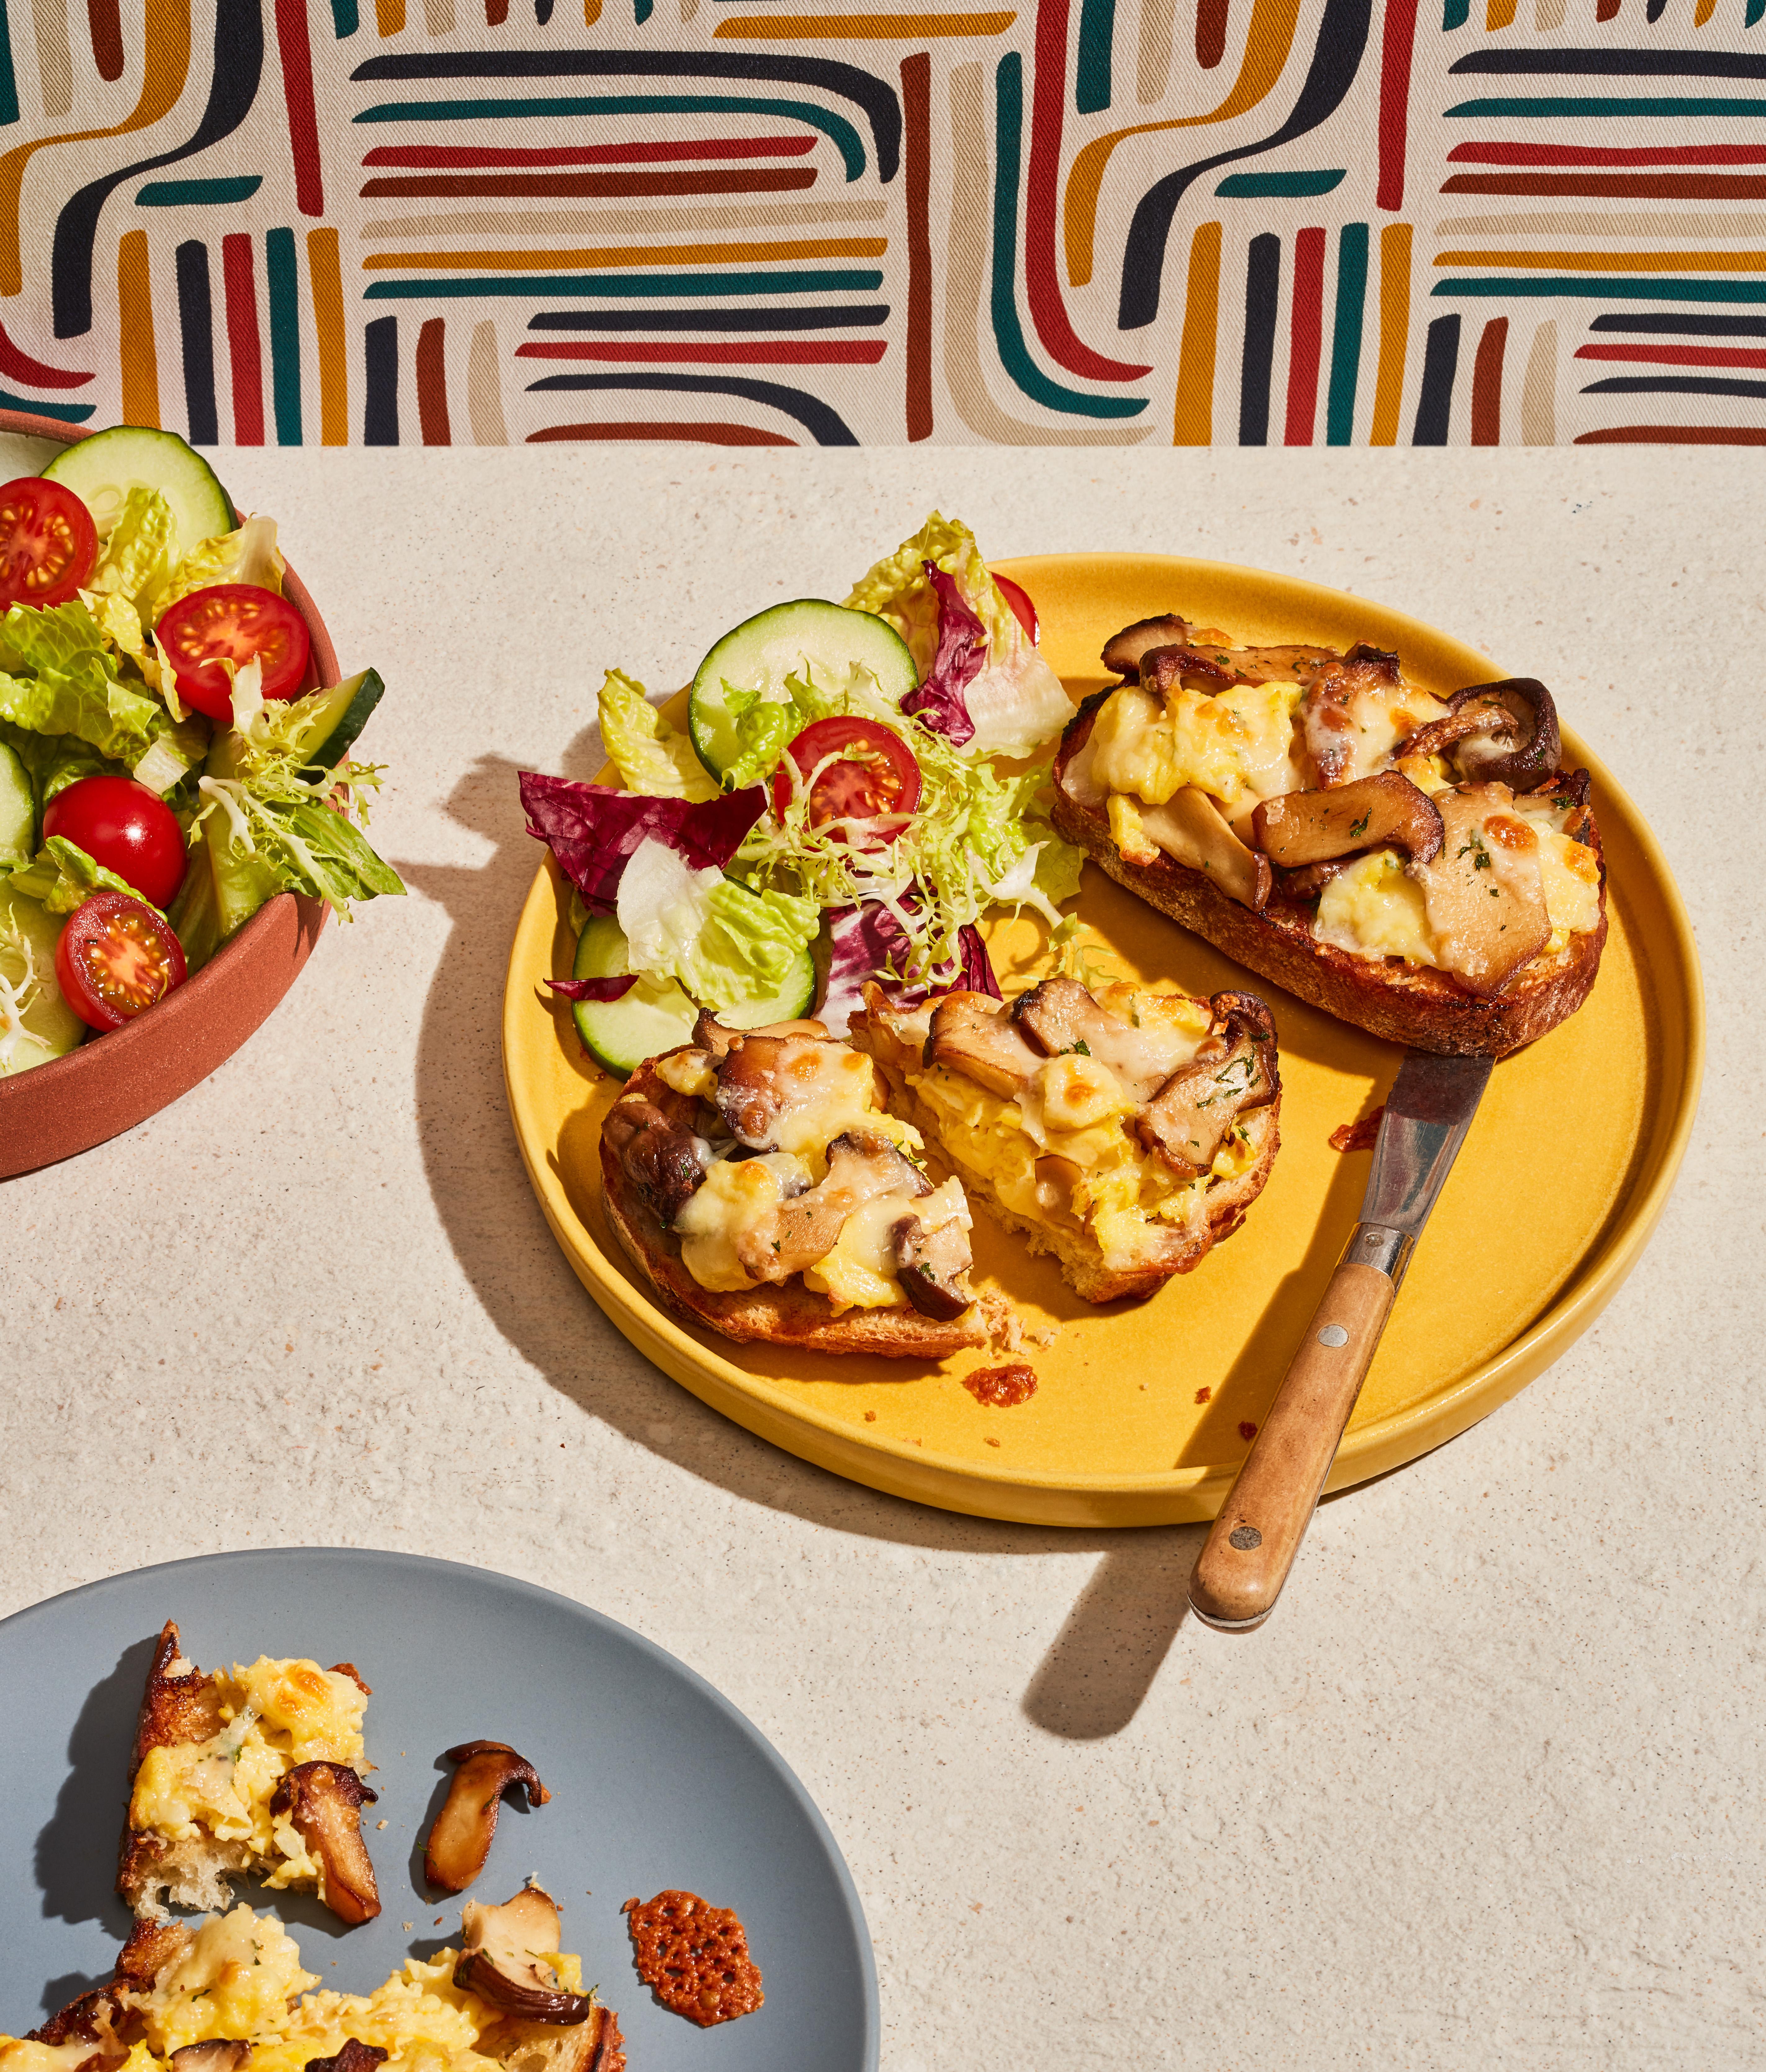 Tartines gratinées aux œufs brouillés et champignons